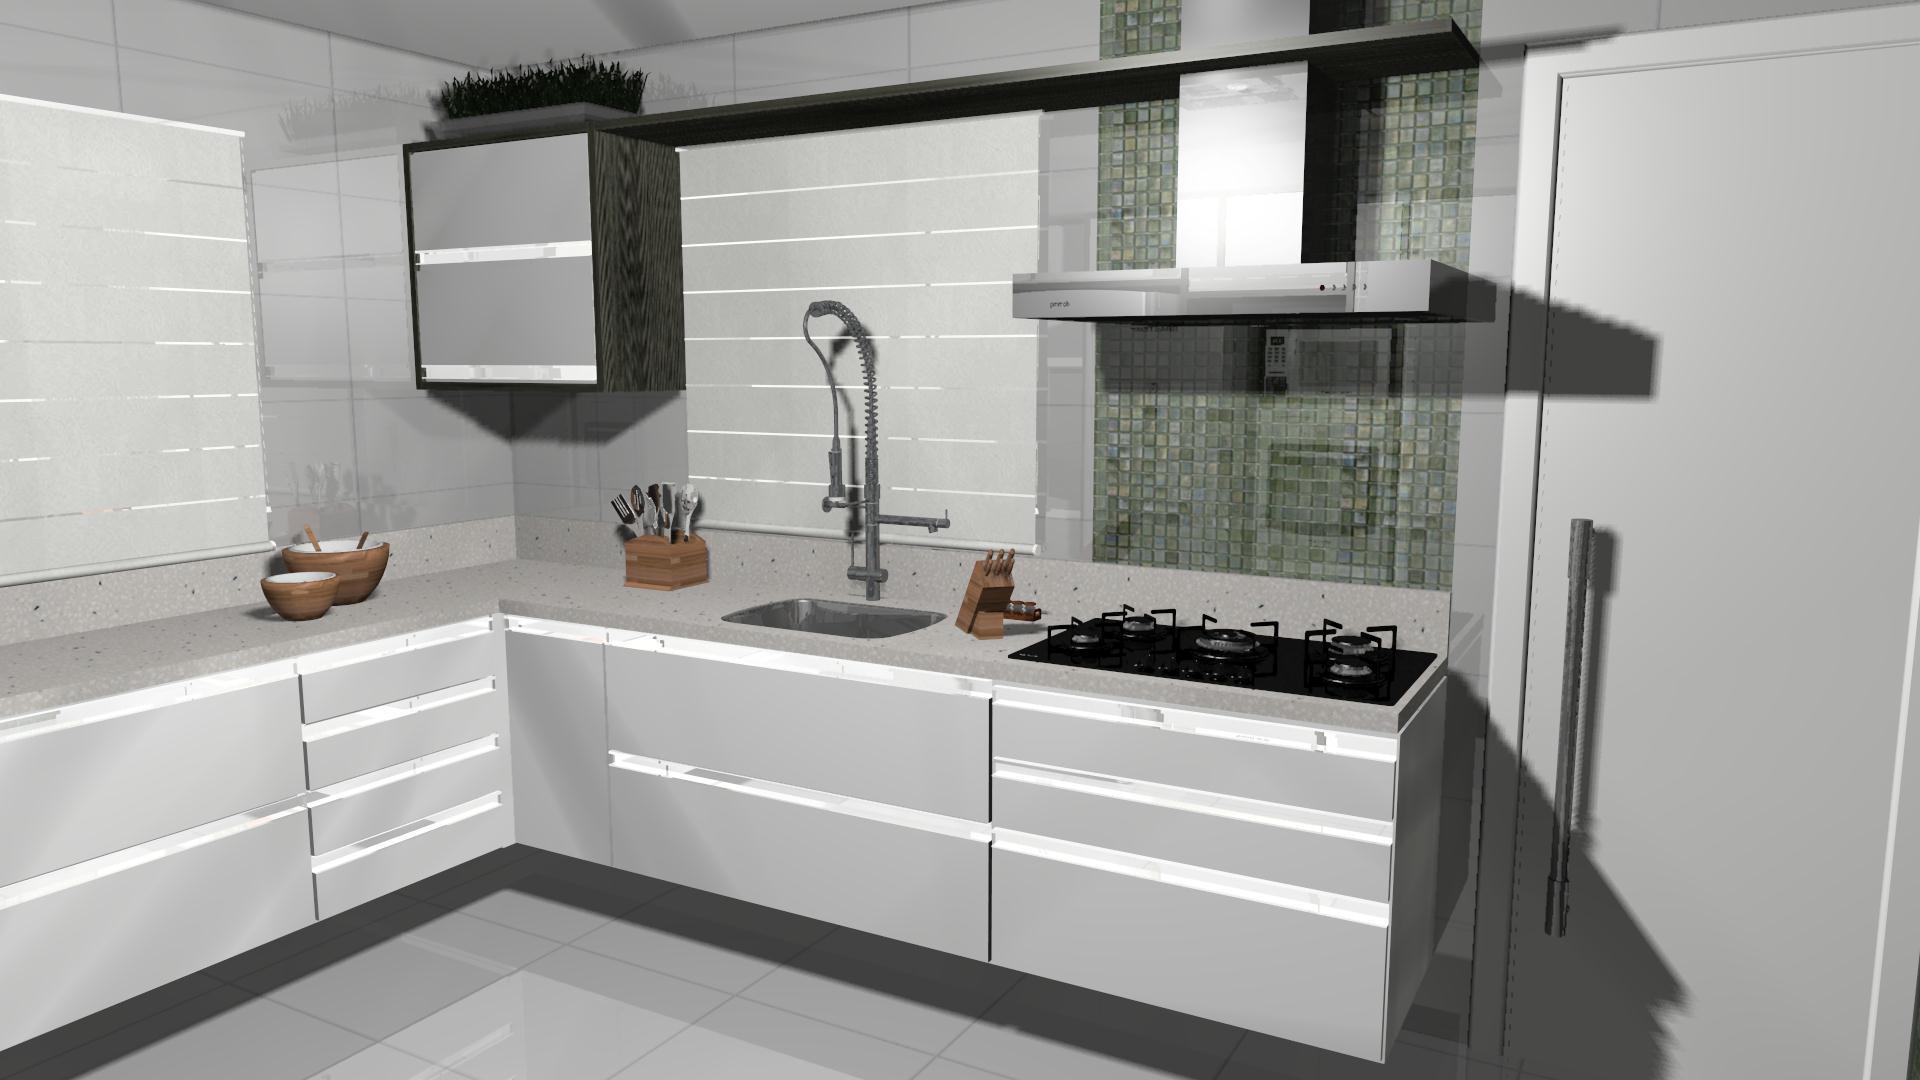 Projeto – Cozinha Prática – Cecilia Seabra #674C38 1920 1080